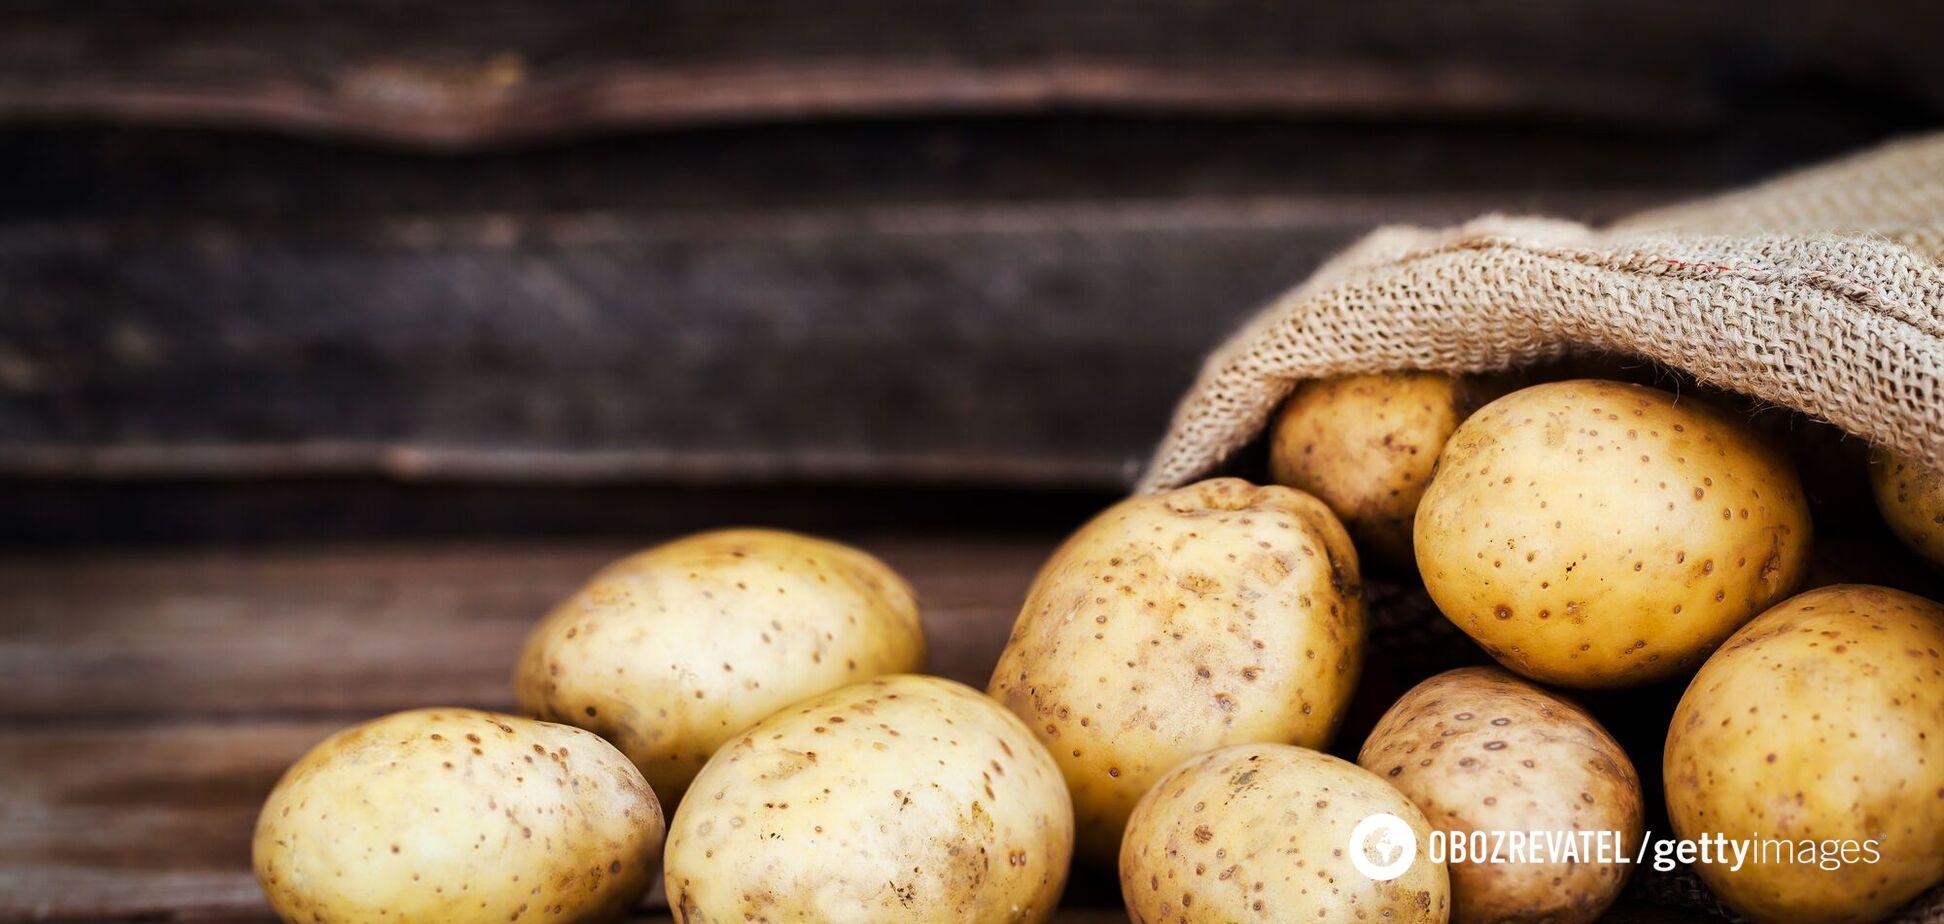 Коли картопля стає небезпечною